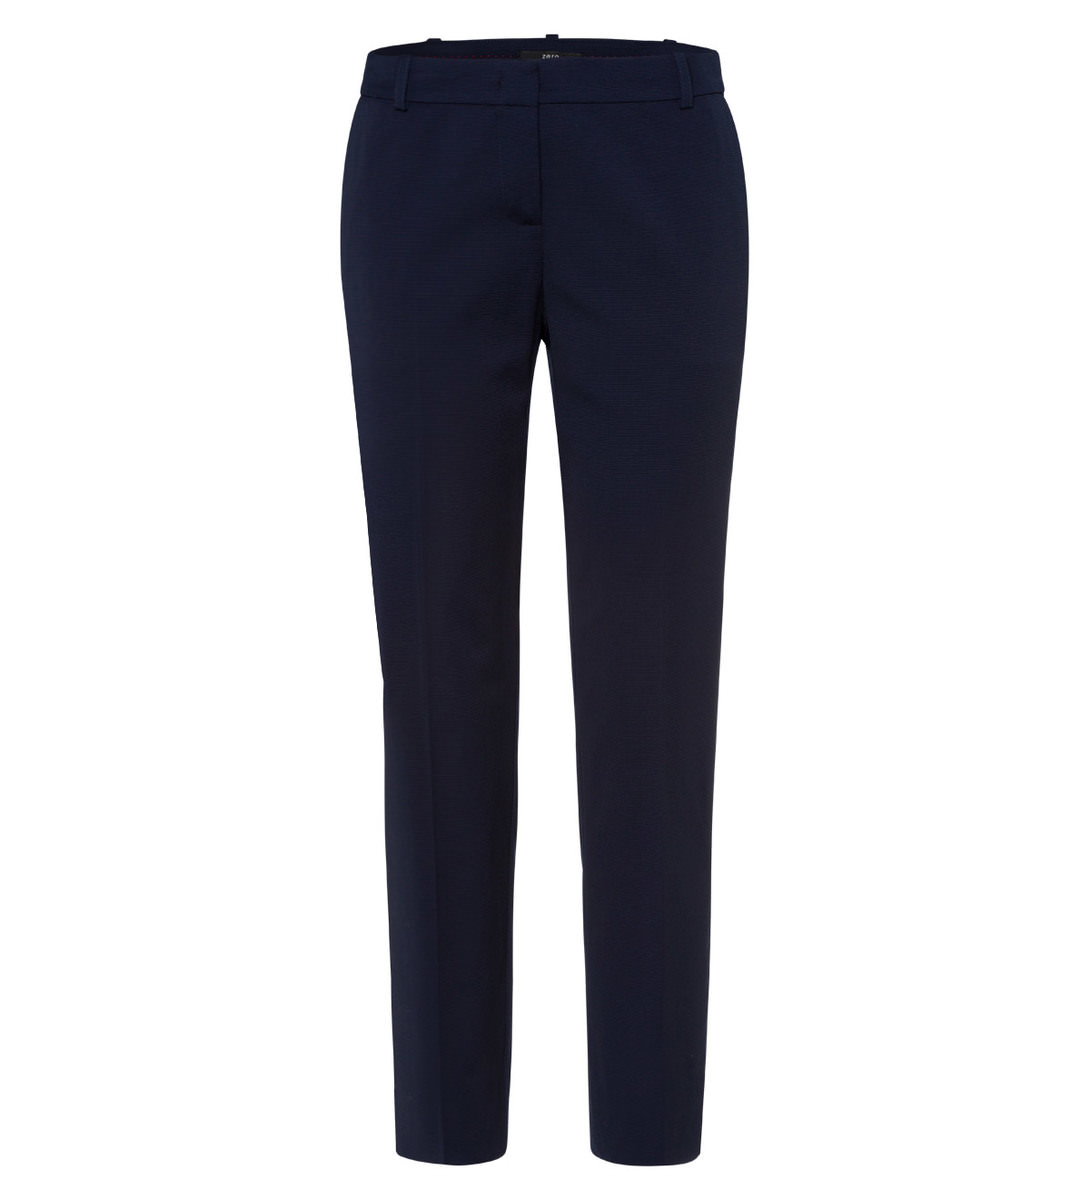 Hose mit strukturierter Oberfläche 28 Inch in blue black